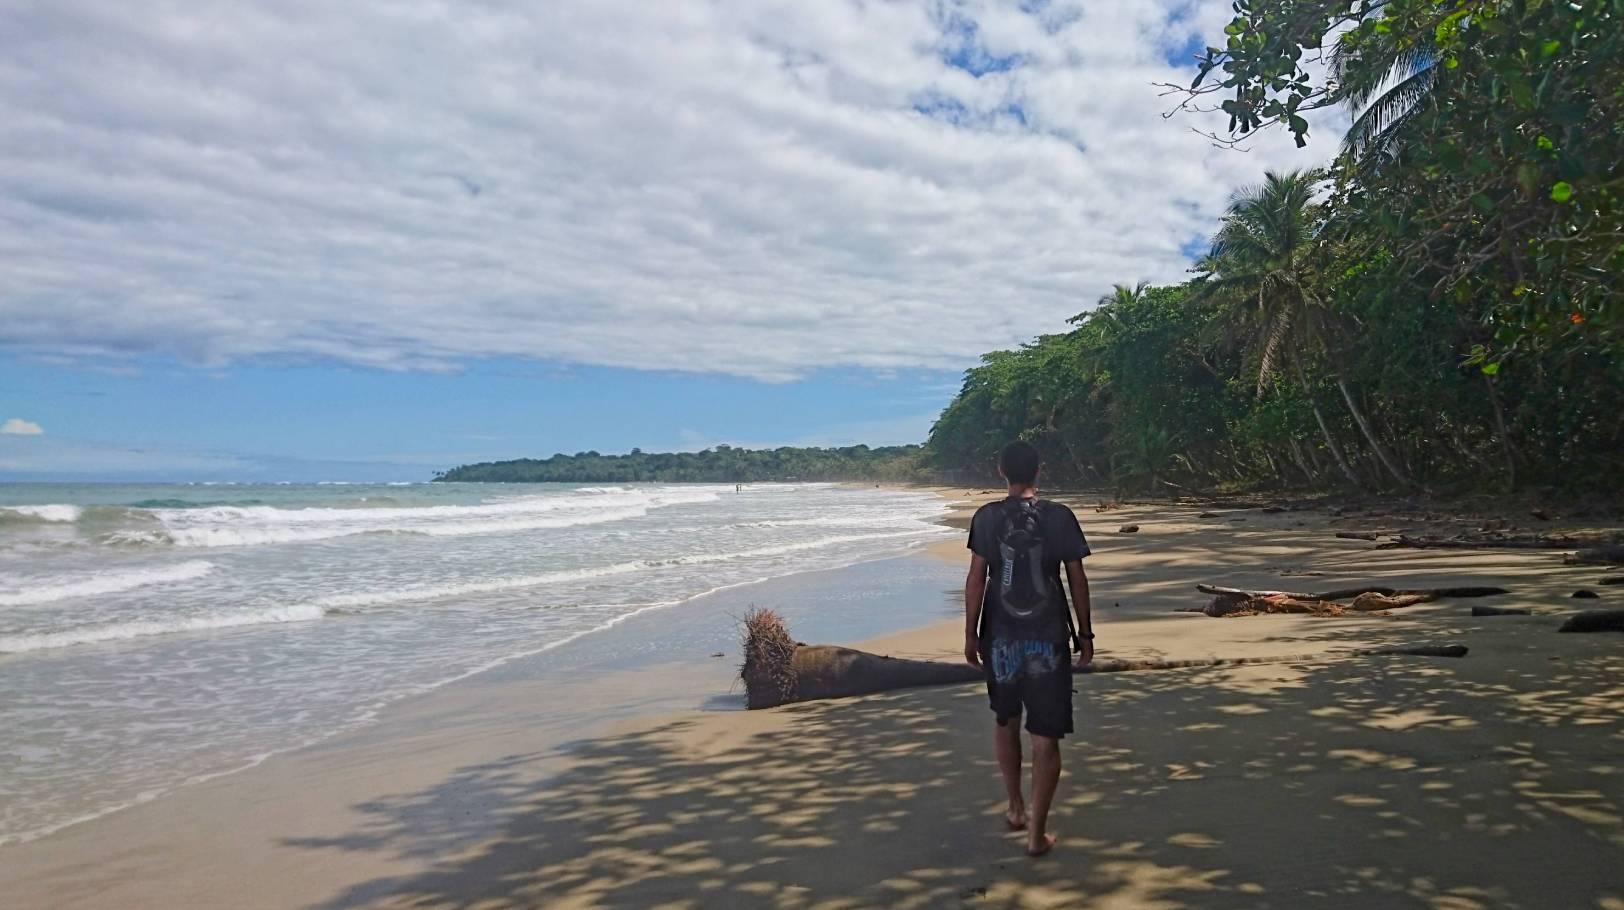 Refugio Gandoca Manzanillo - Puerto Viejo (Costa Rica)